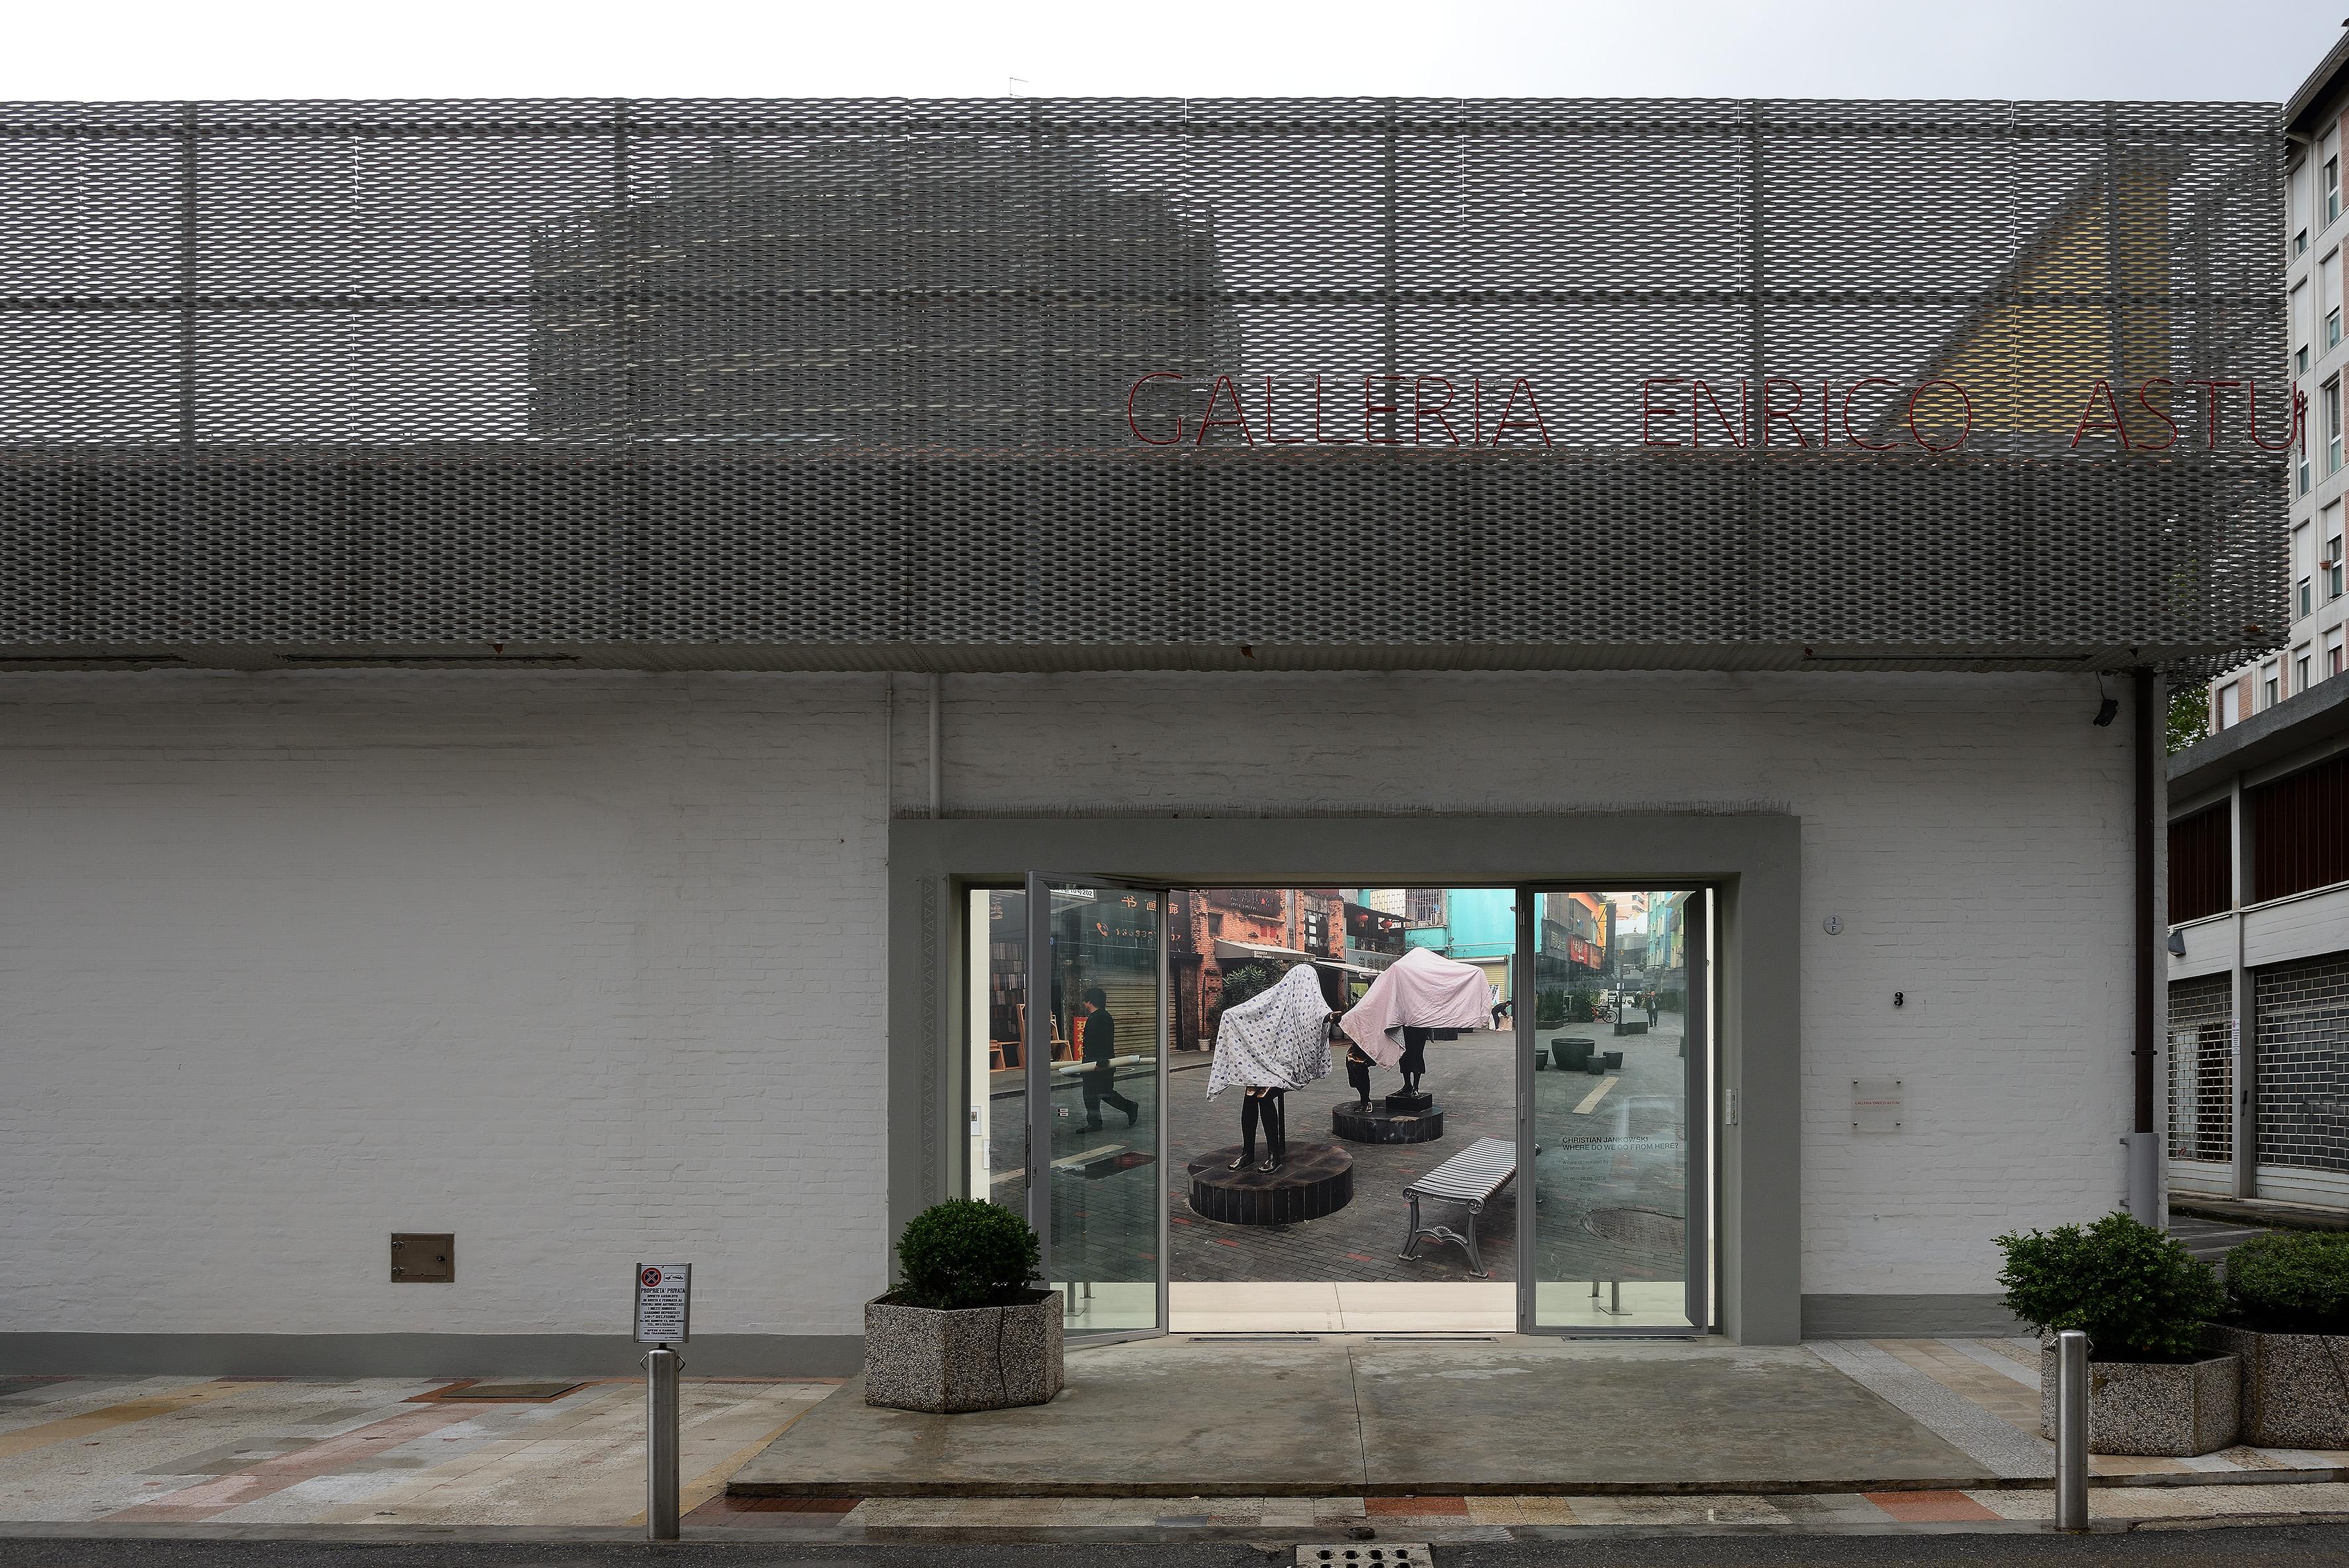 Christian-Jankowski-Galleria-Enrico-Astuni